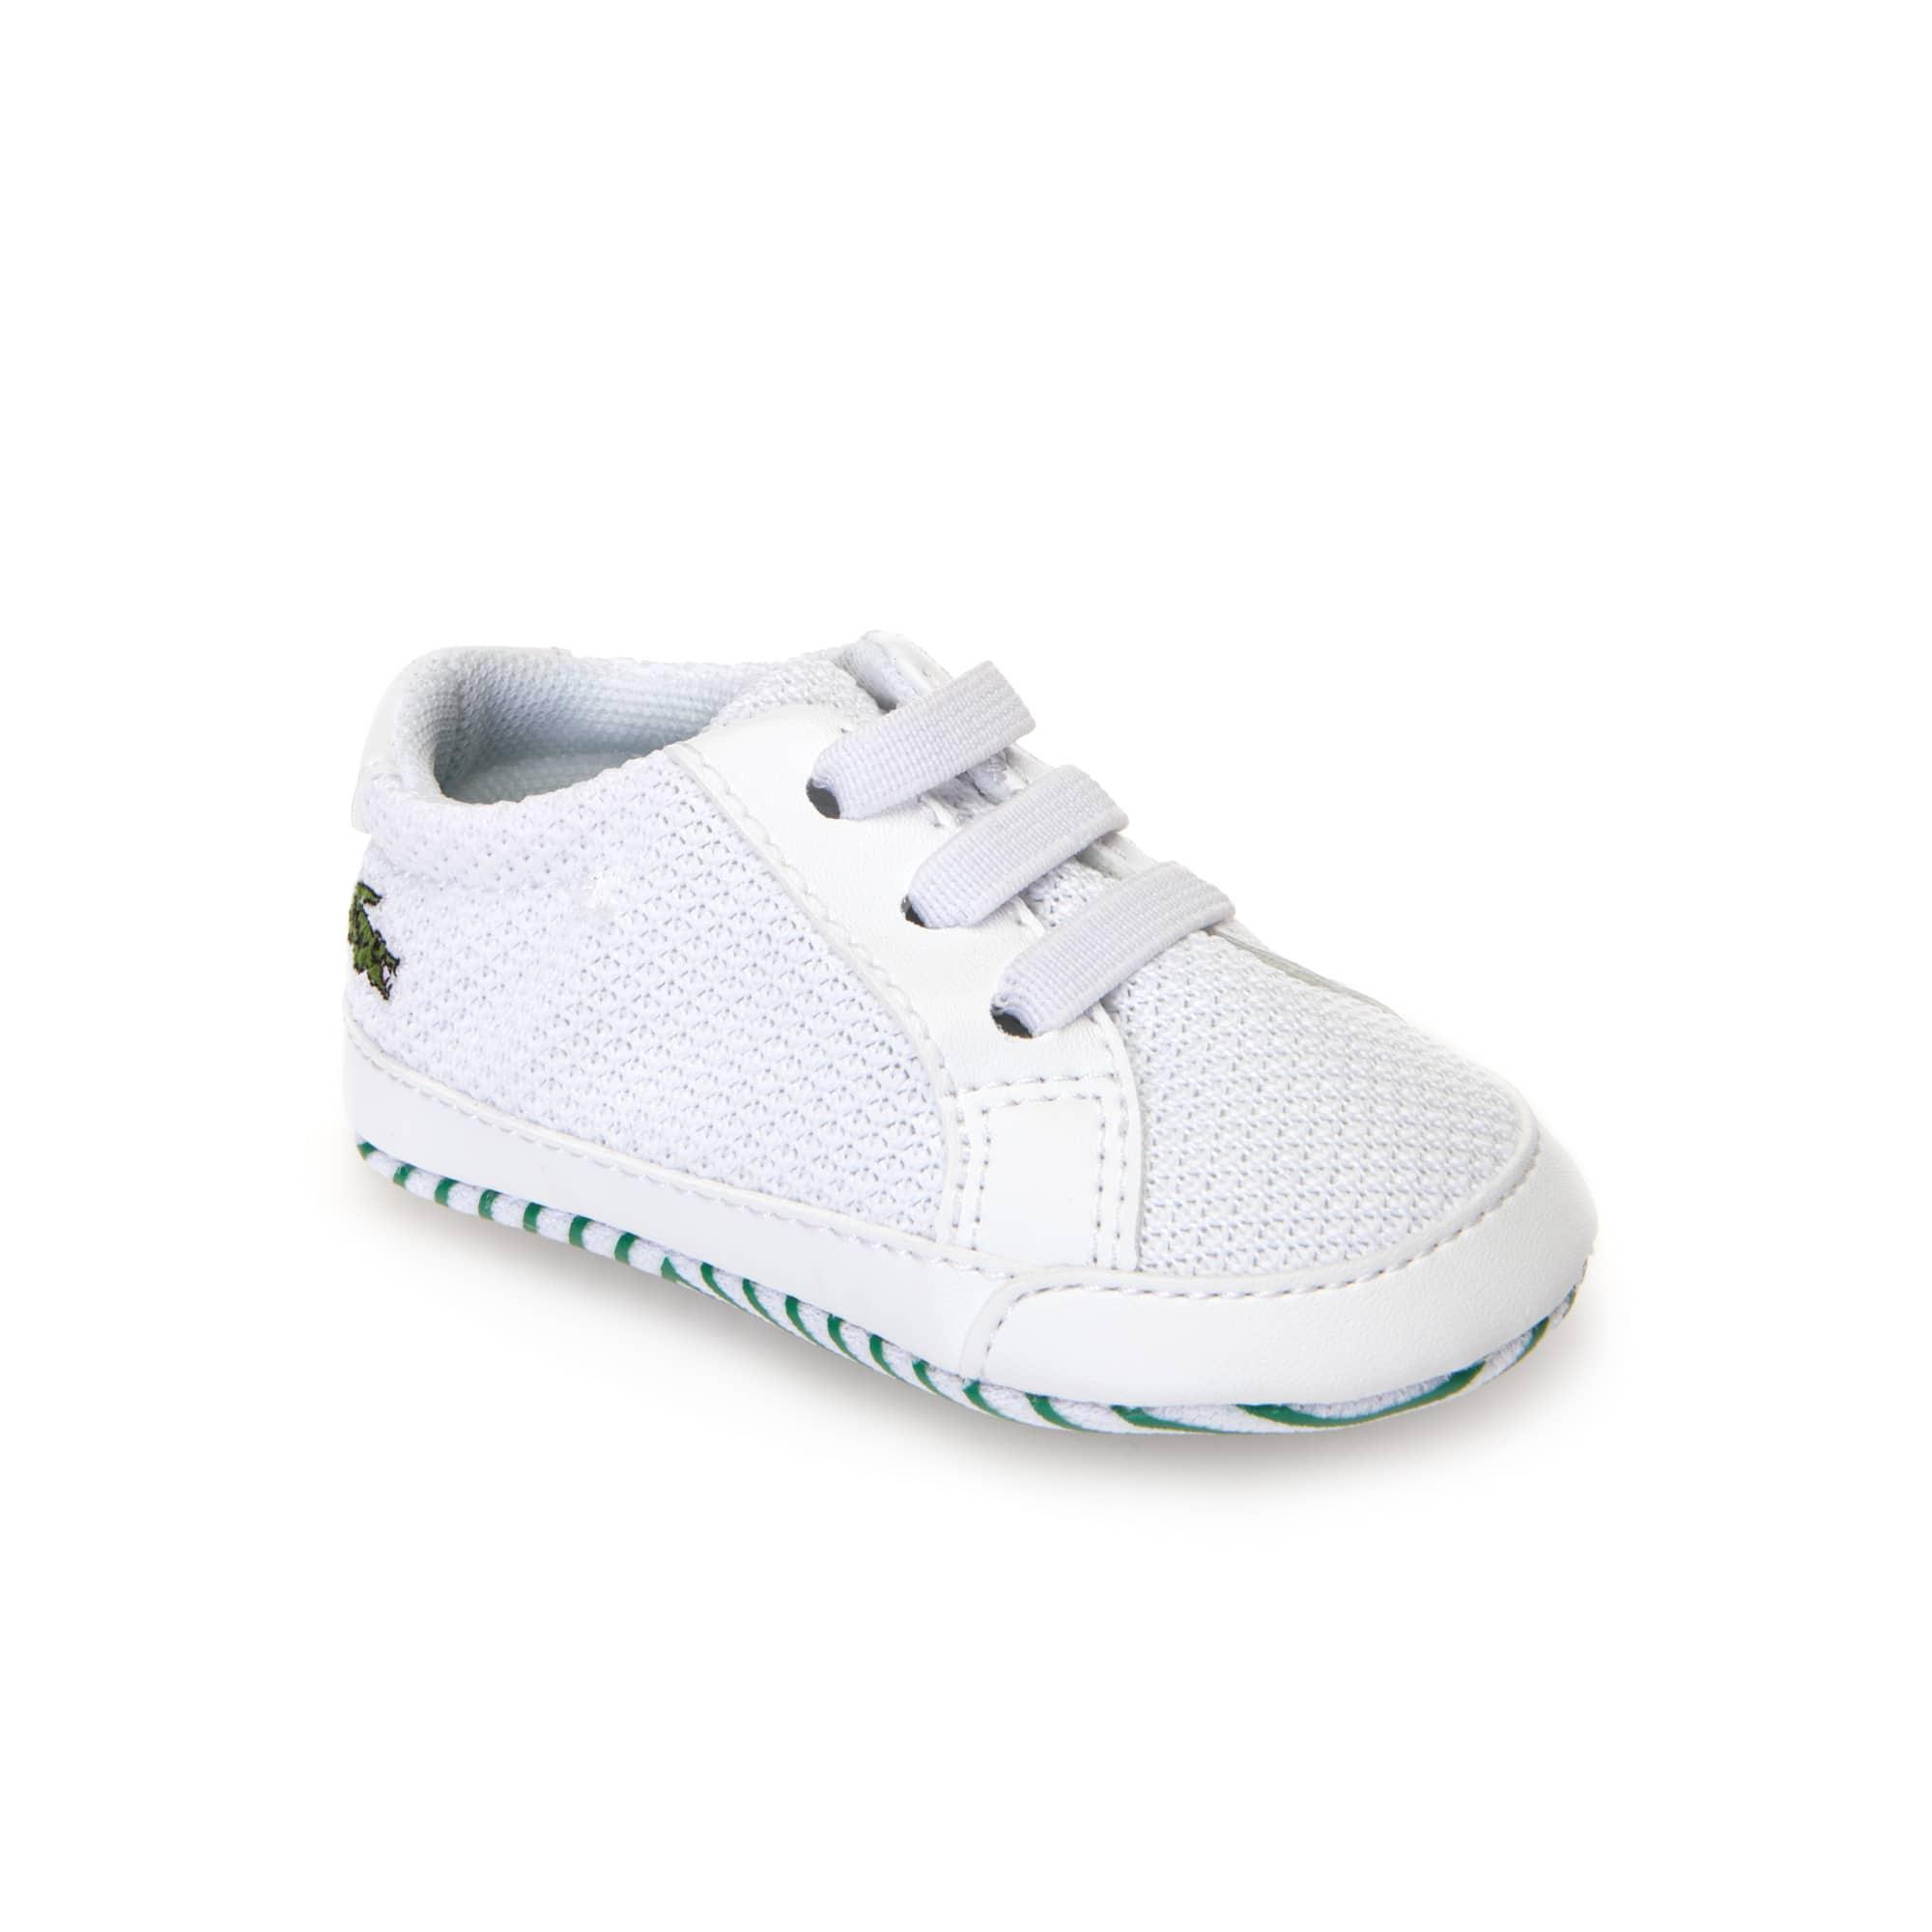 Zapatillas de niño L.12.12 Crib de material textil